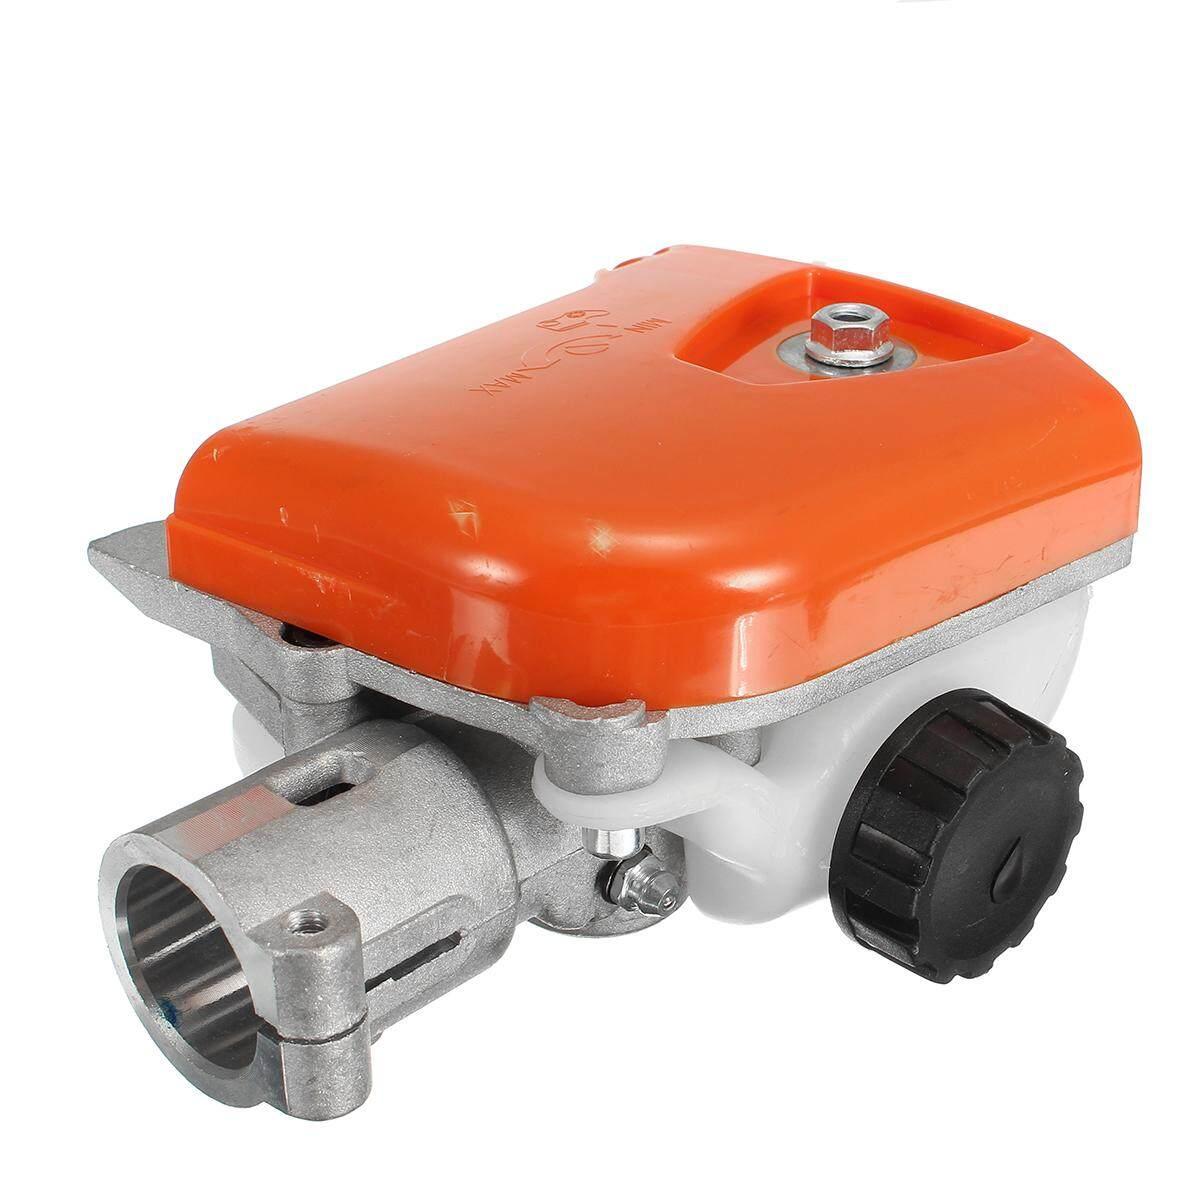 Kualitas Tinggi Universal Gergaji Mesin Perlengkapan Kepala Gearbox untuk 28 Mm 9 Spline Tiang-Internasional